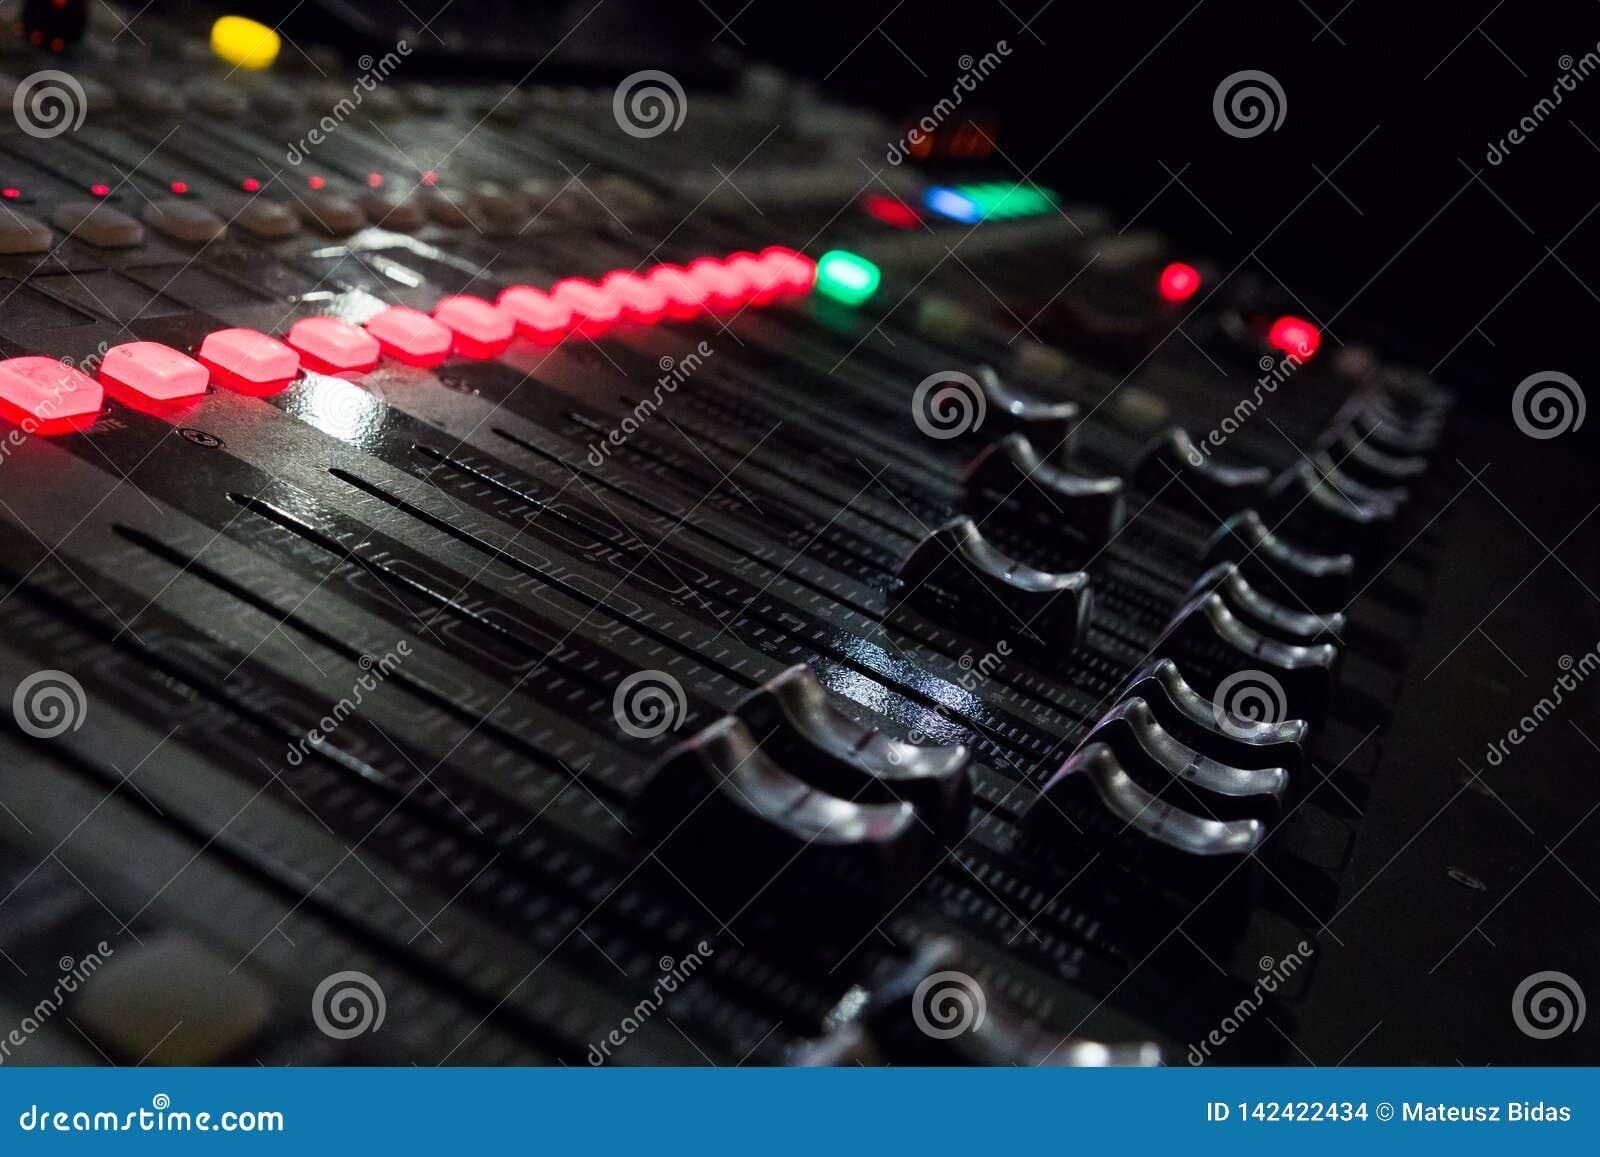 Una console di musica con molti bottoni e cursori